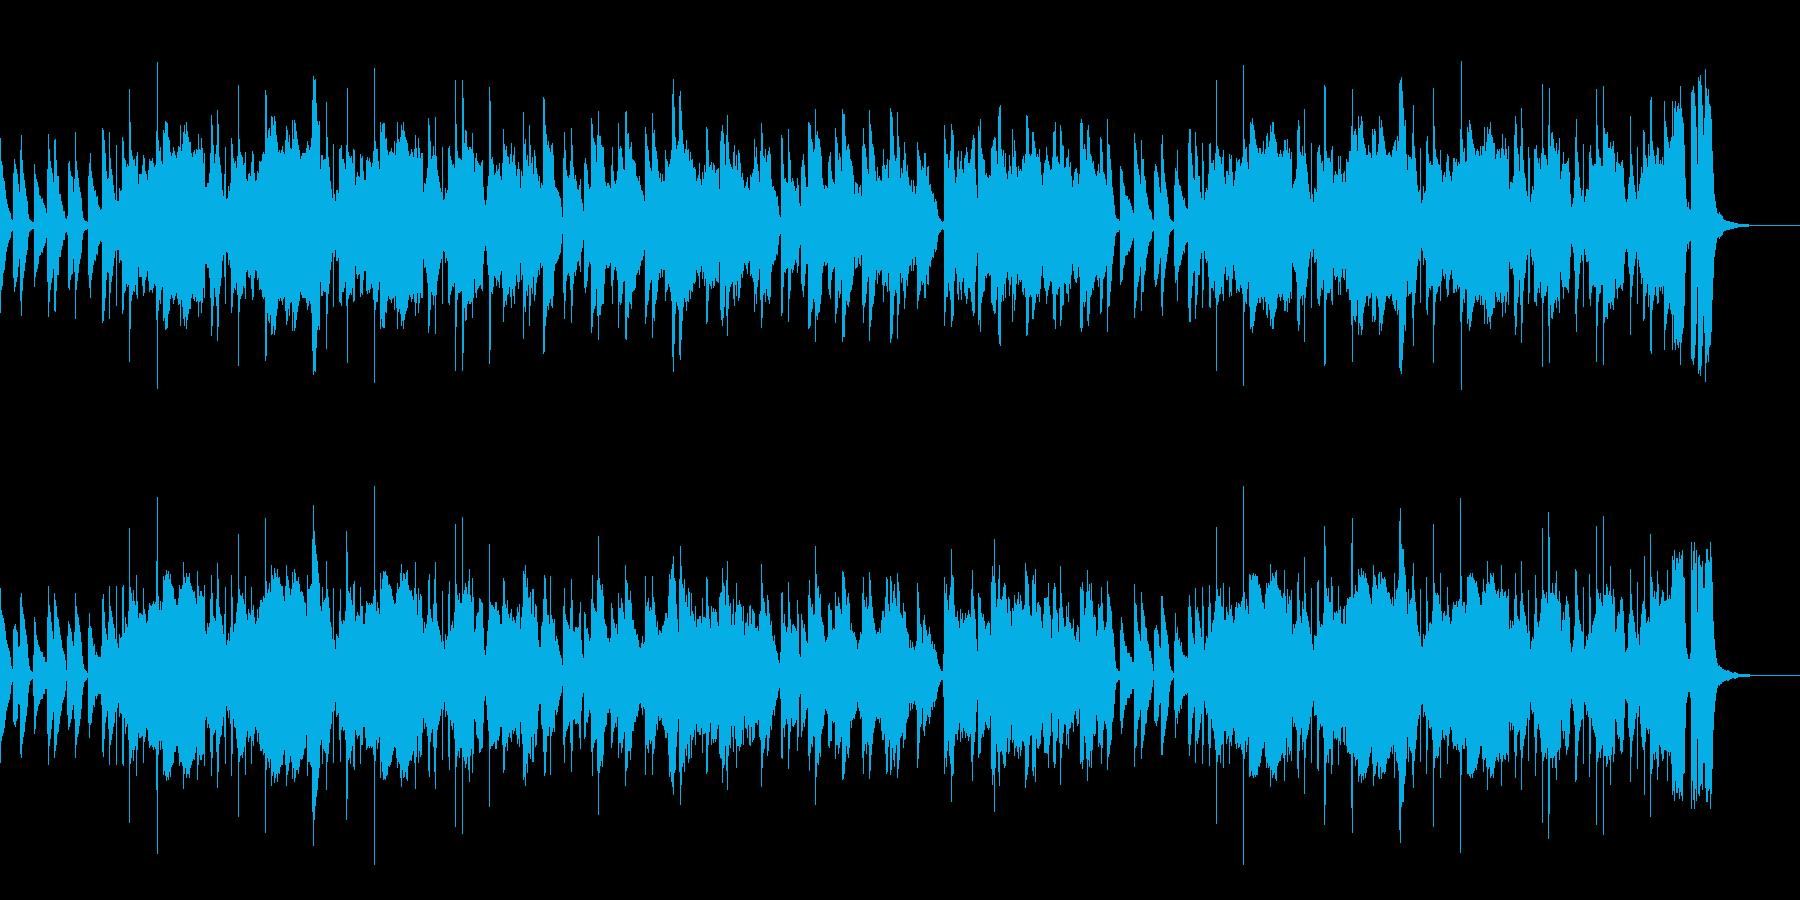 怪しいけど軽快で楽しい曲の再生済みの波形